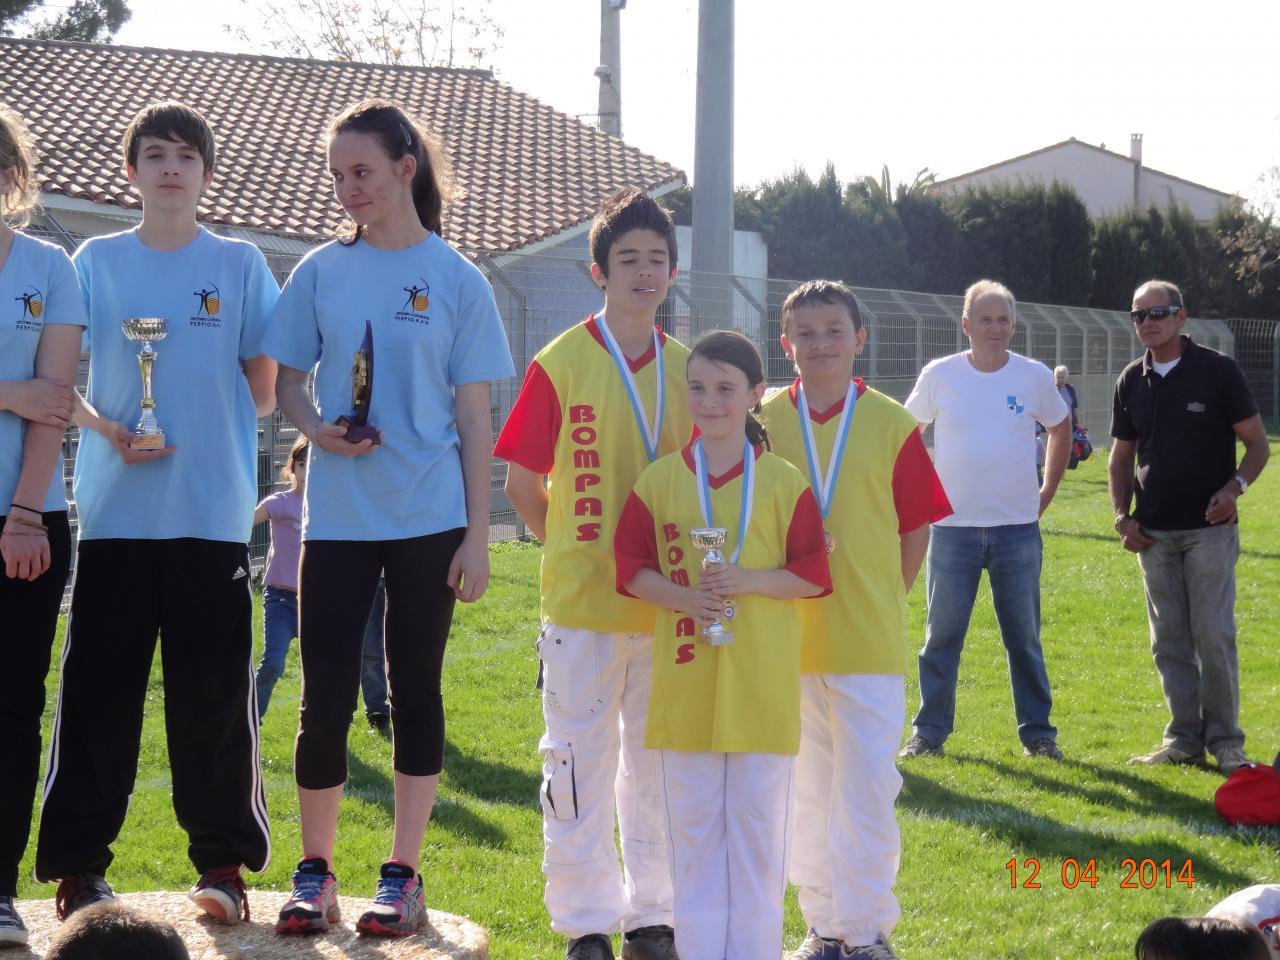 Jeunes archers: 3° par équipe de club (Ste Marie 12/04/14)